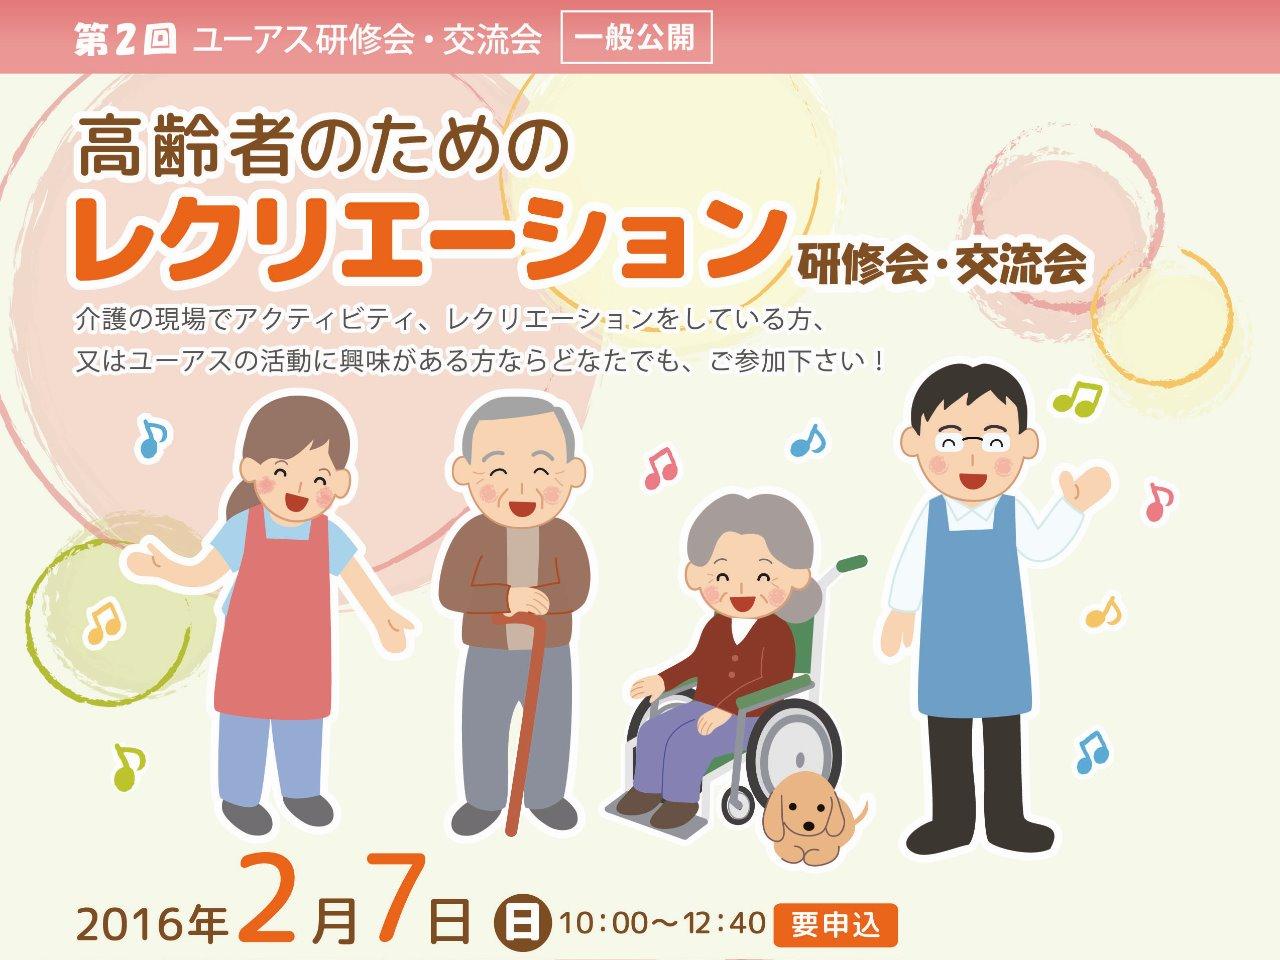 【2/7(日)第2回ユーアス研修会・交流会】